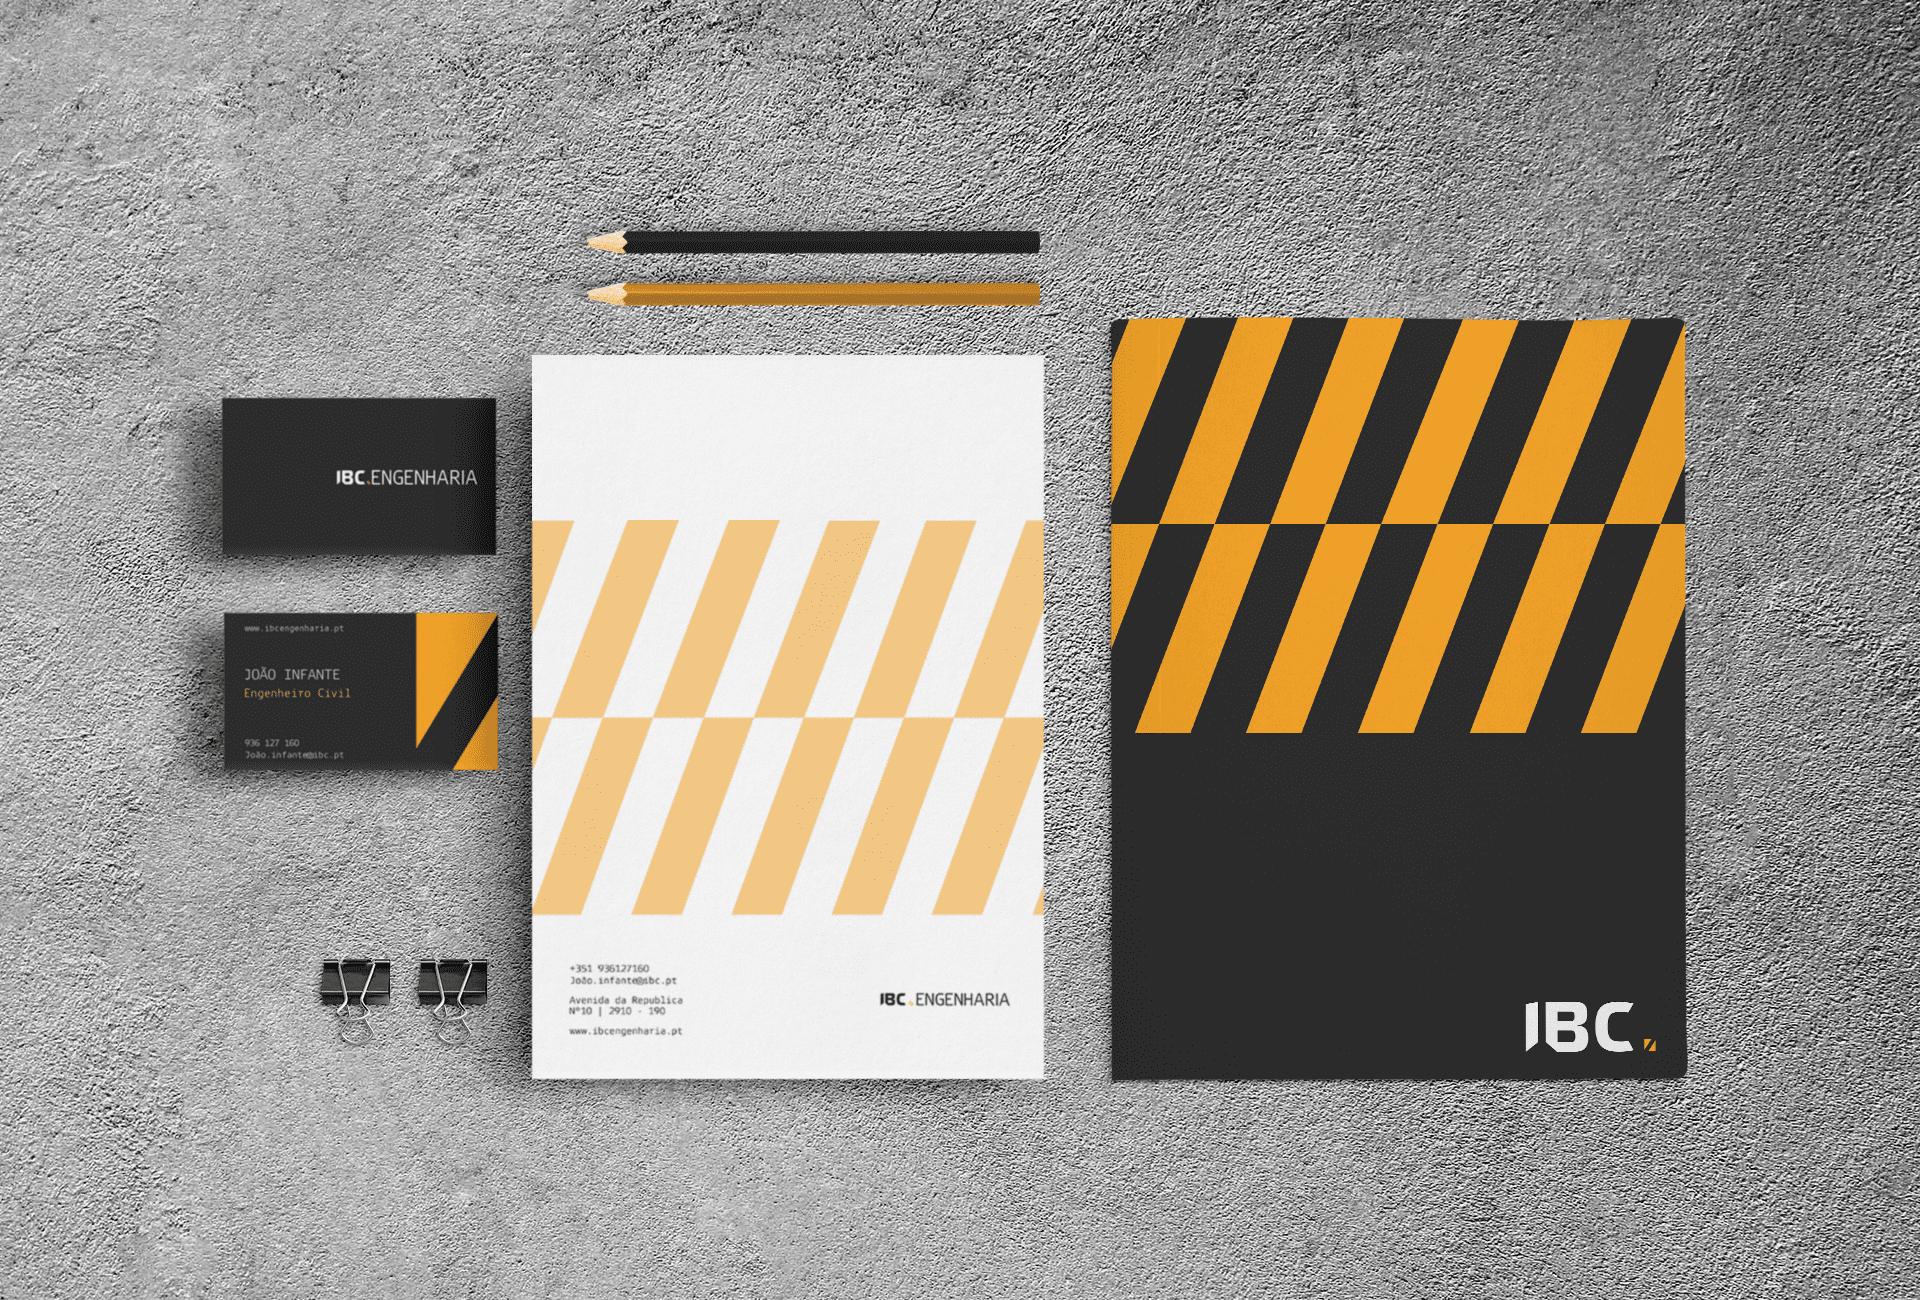 ibc construção logótipo - estacionário